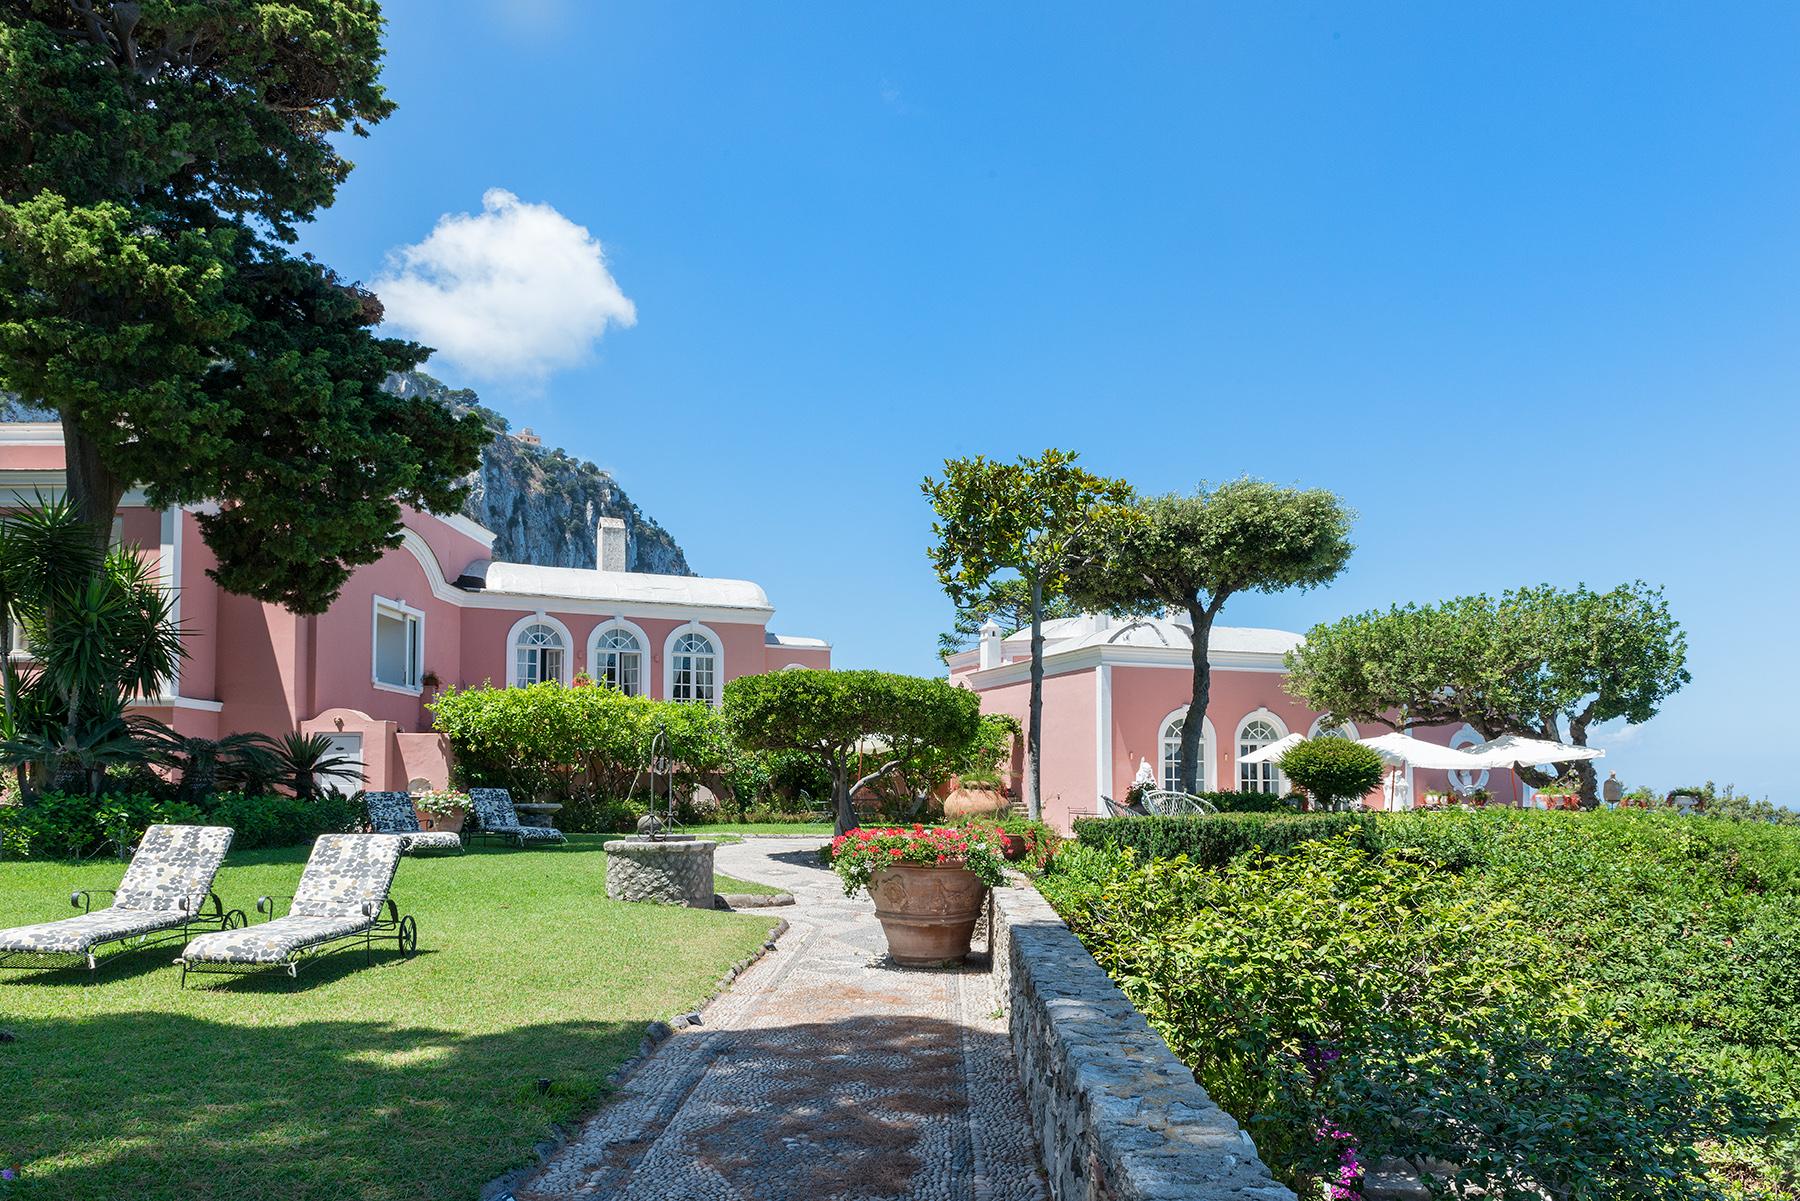 Villa Bismark, una location straordinaria nell'esclusiva isola di Capri